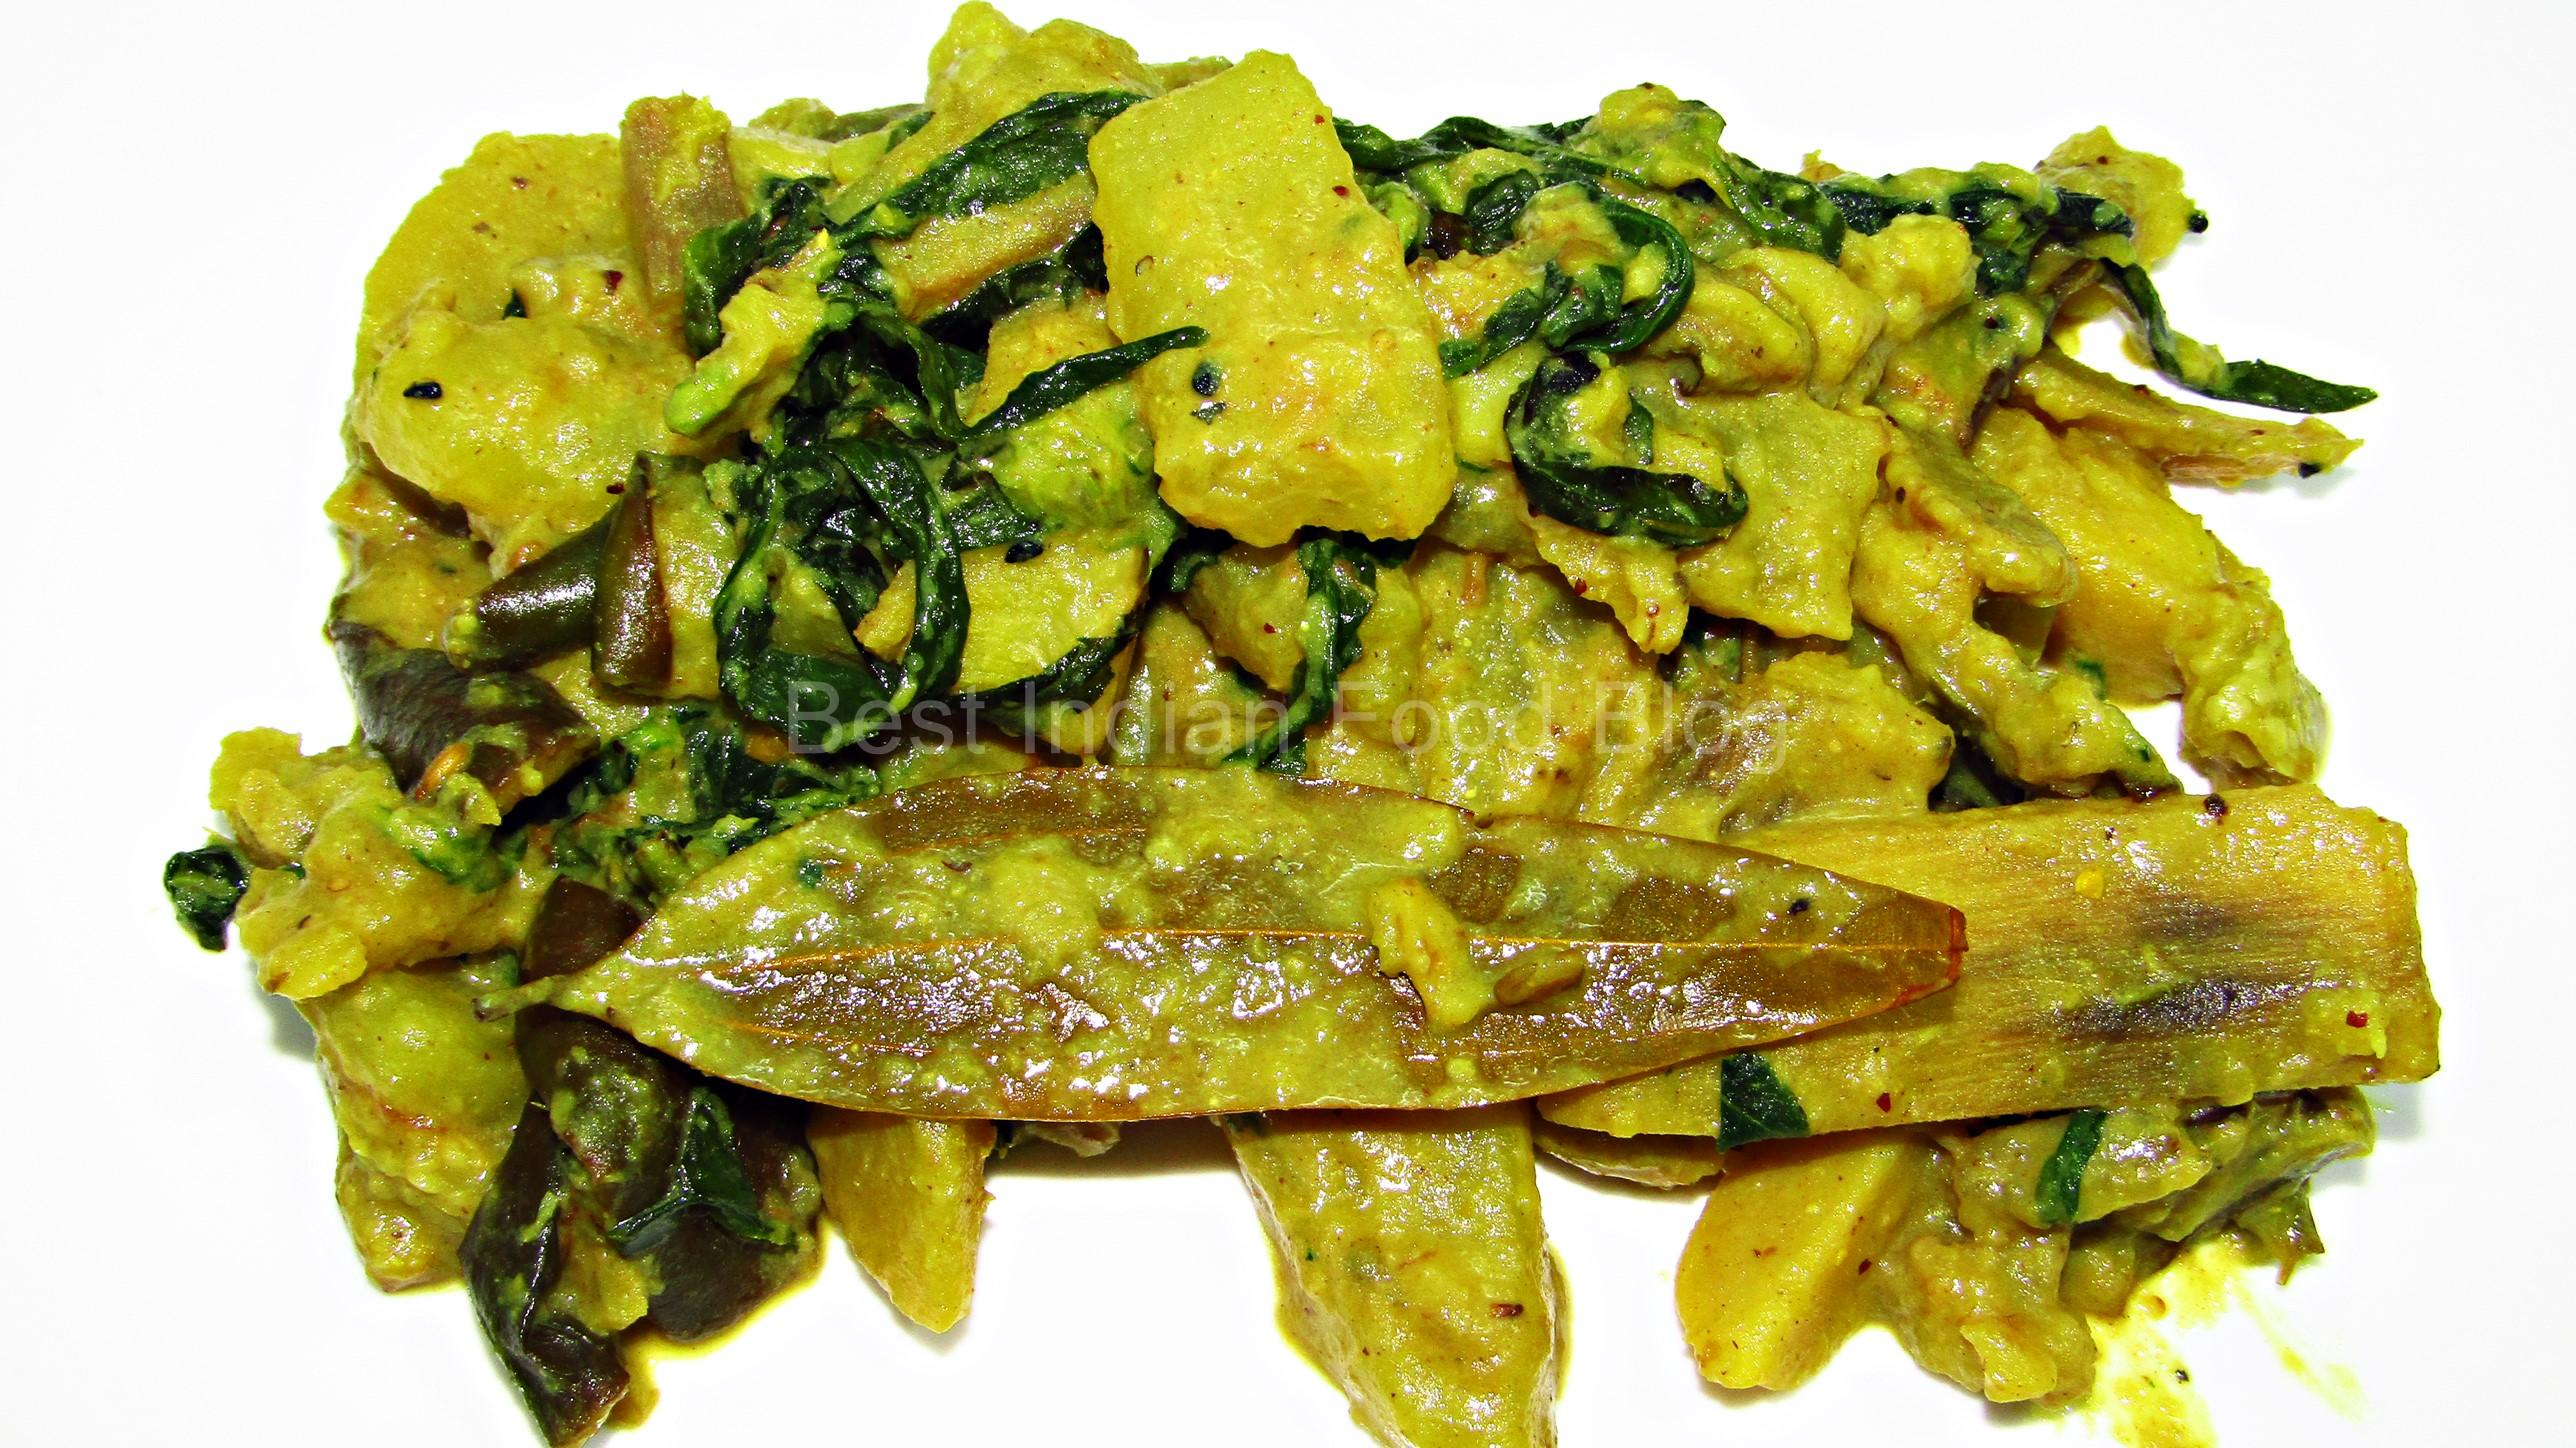 Kulekhara Suktoni from West Bengal, India   Best Indian Food Blog   Indian Swampweed recipe